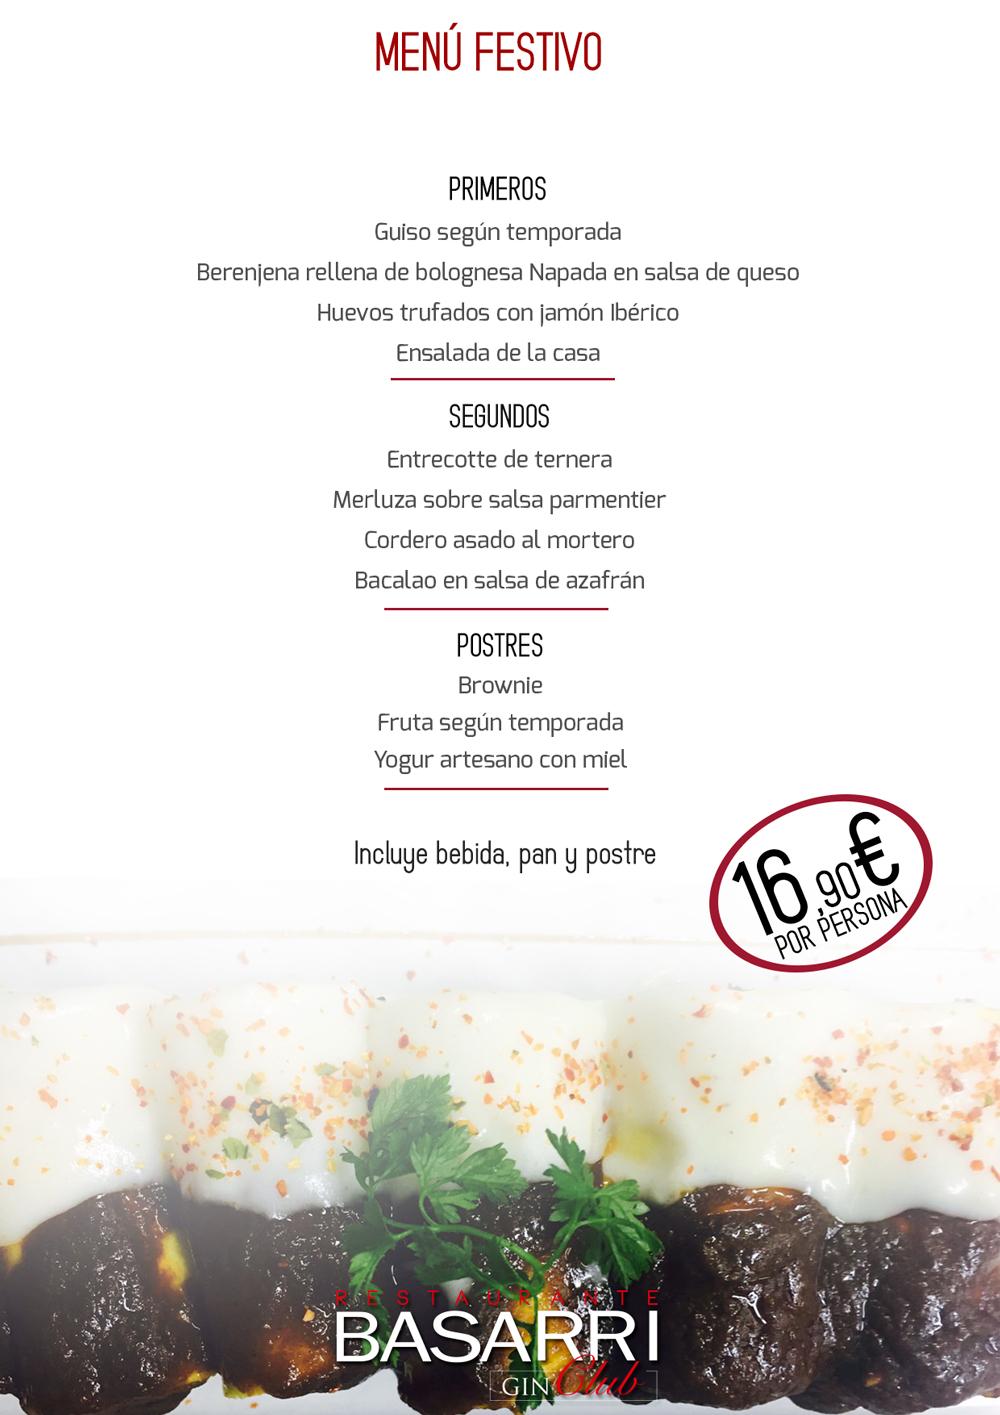 Menú coctel 37 eur